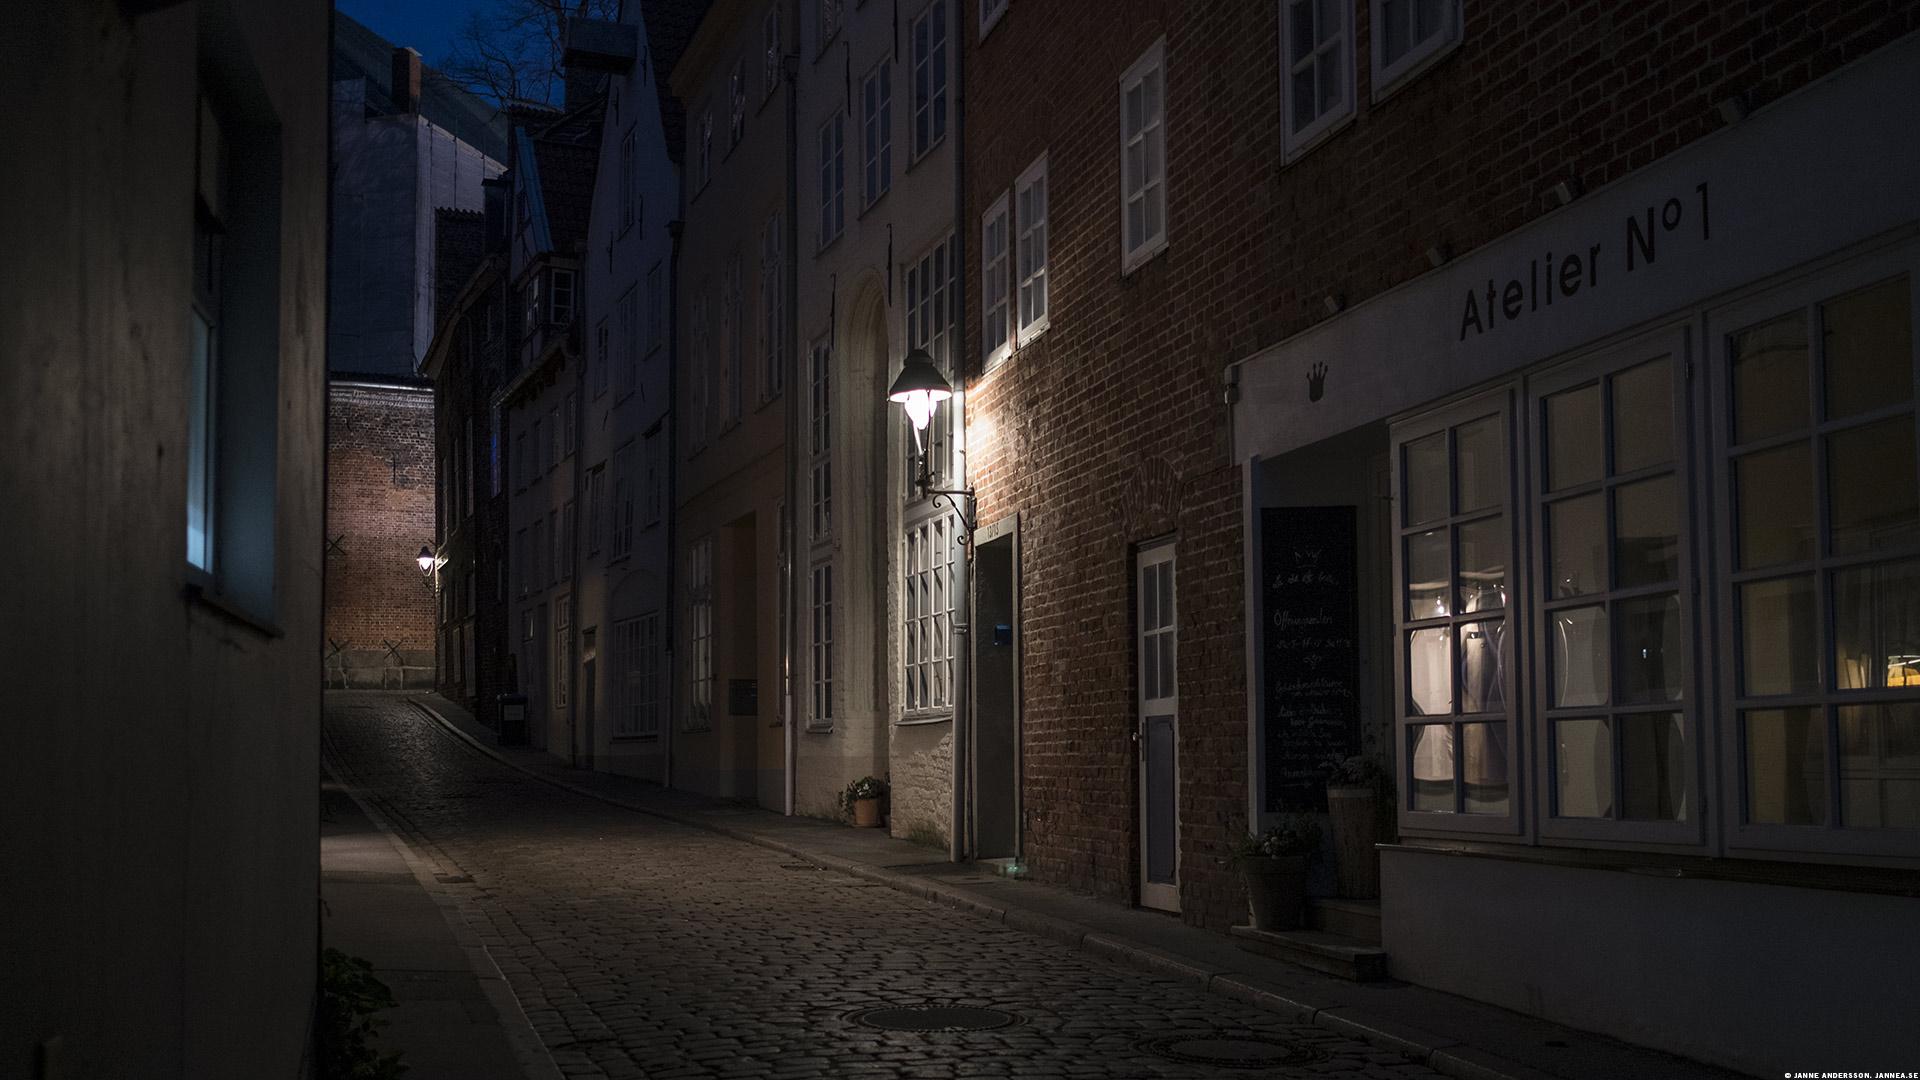 På kvällen, en gata i Lübeck|©Janne A